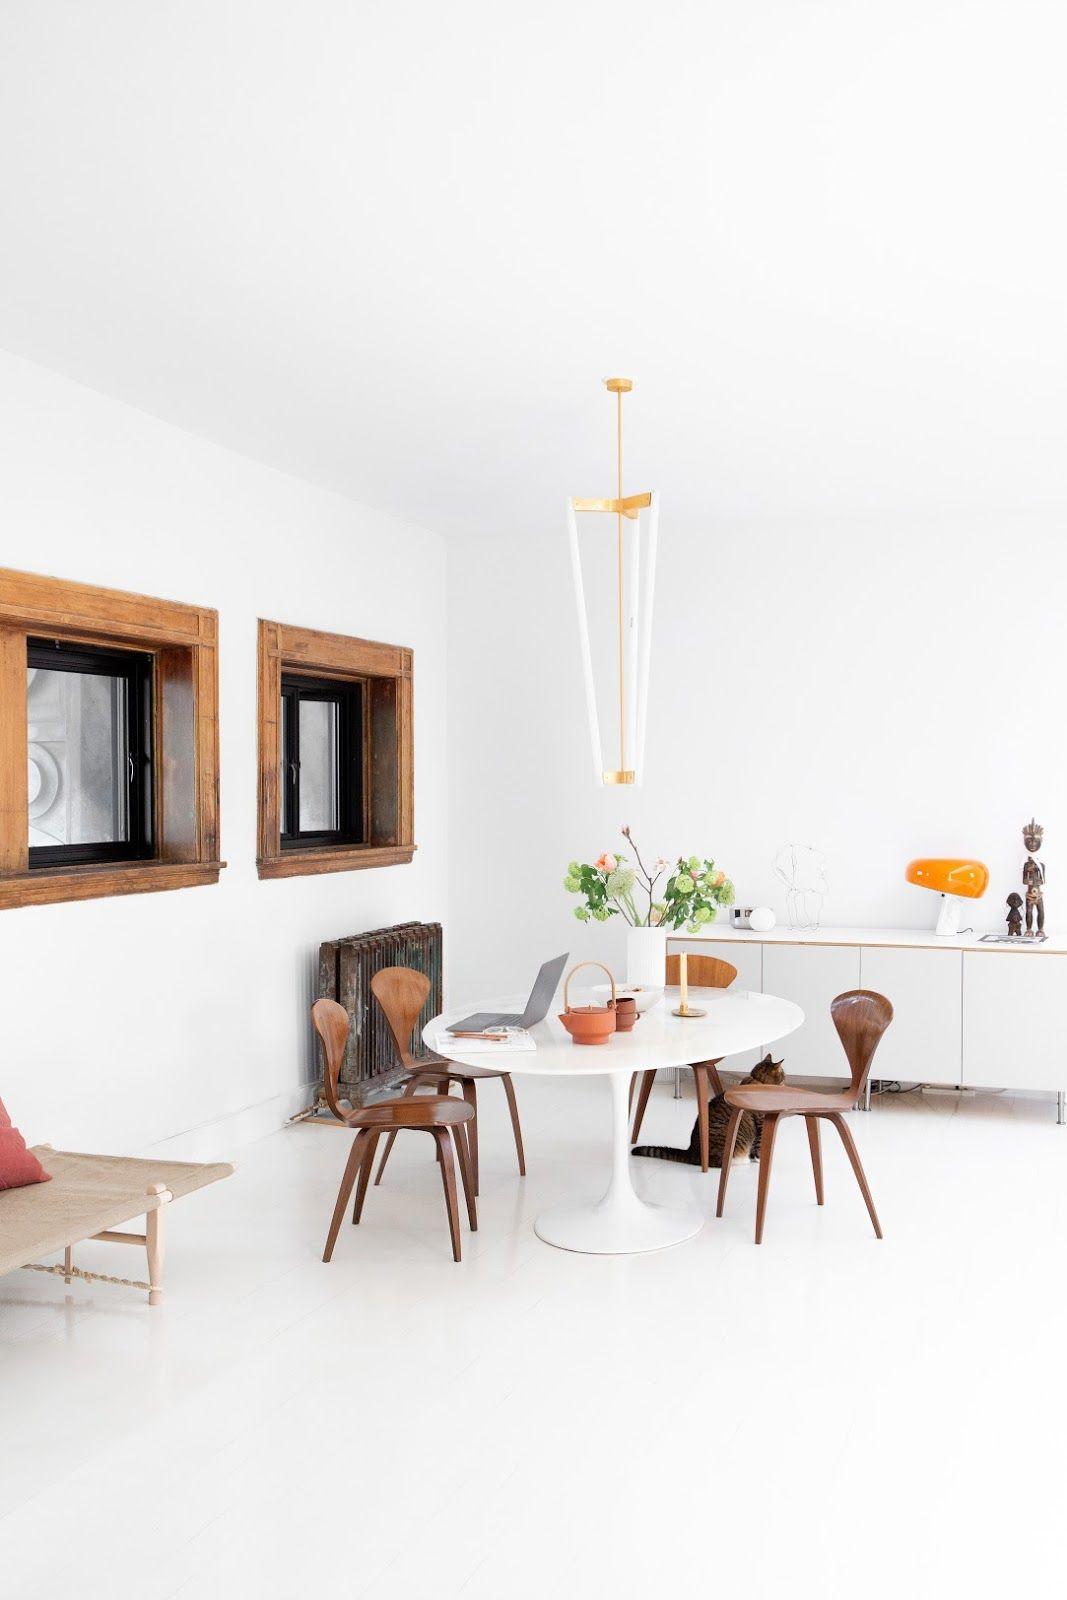 Salle A Manger Decoration Interieur sejour salle a manger sol mur blanc table blanche chaise bois fente